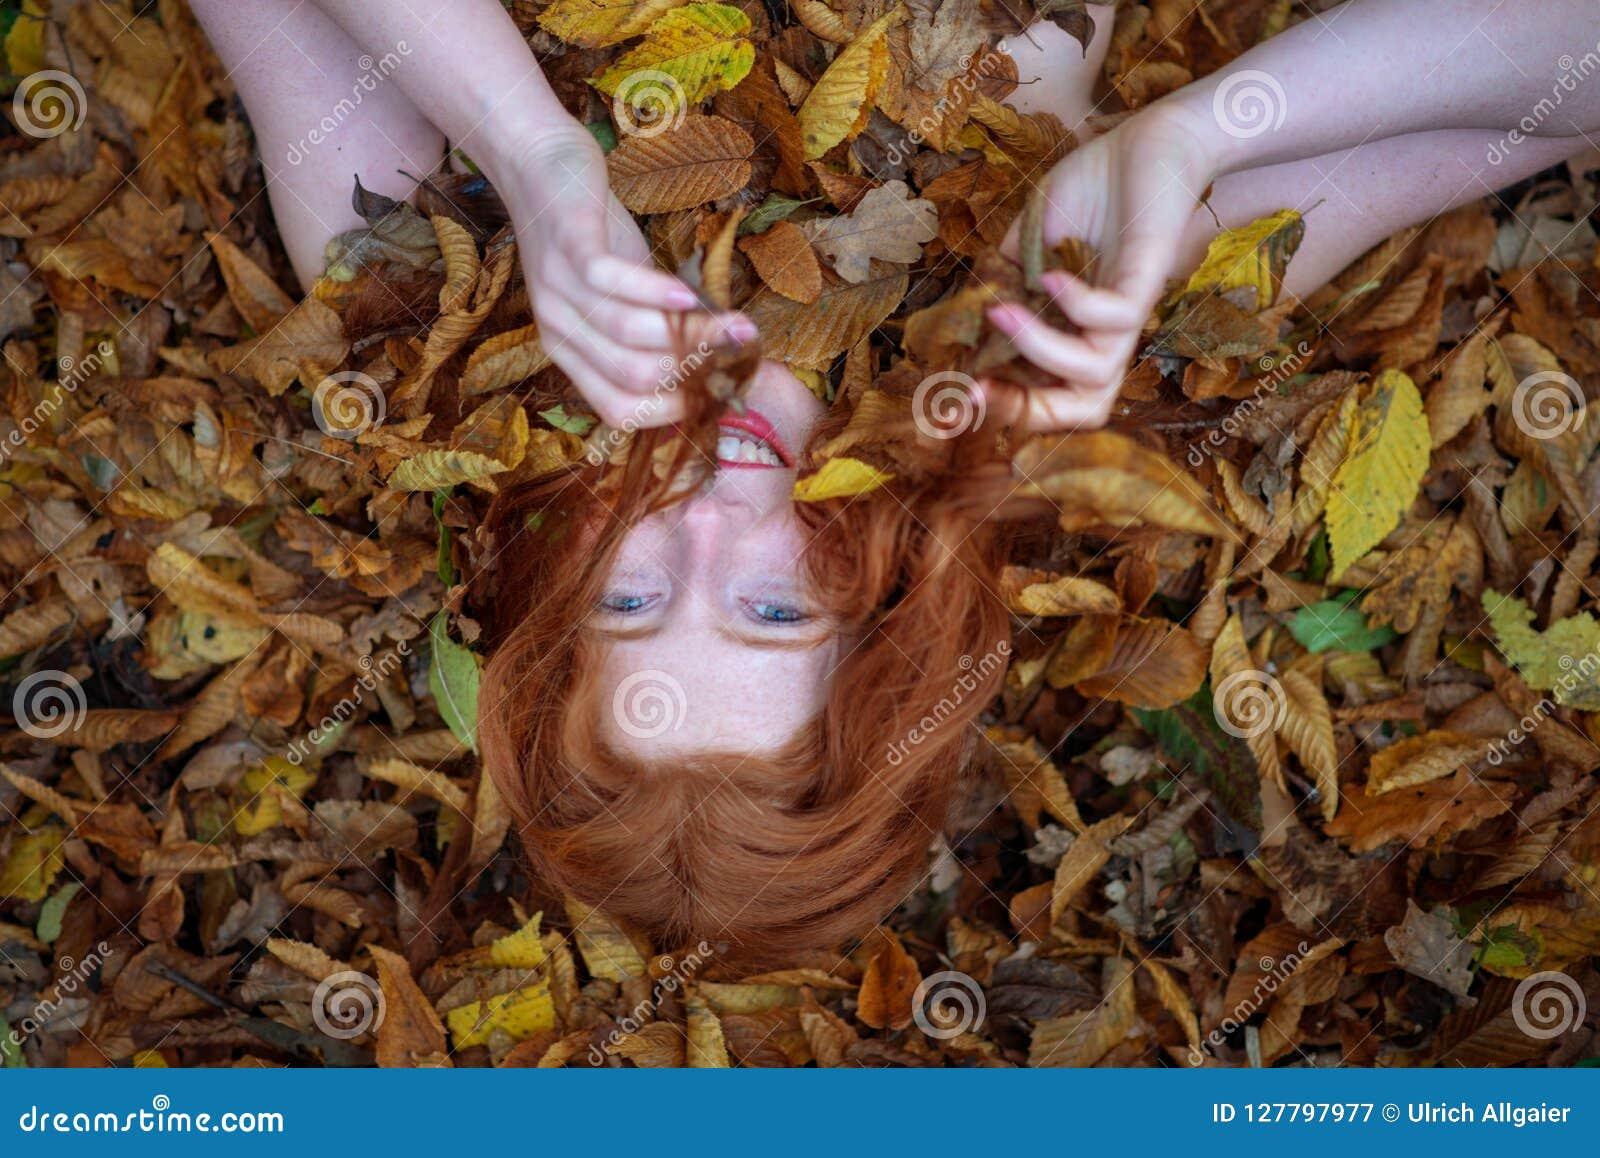 Portrait d une jeune belle fille mignonne, couvert de feuilles automnales rouges et oranges Belle femme sexy se trouvant sur des